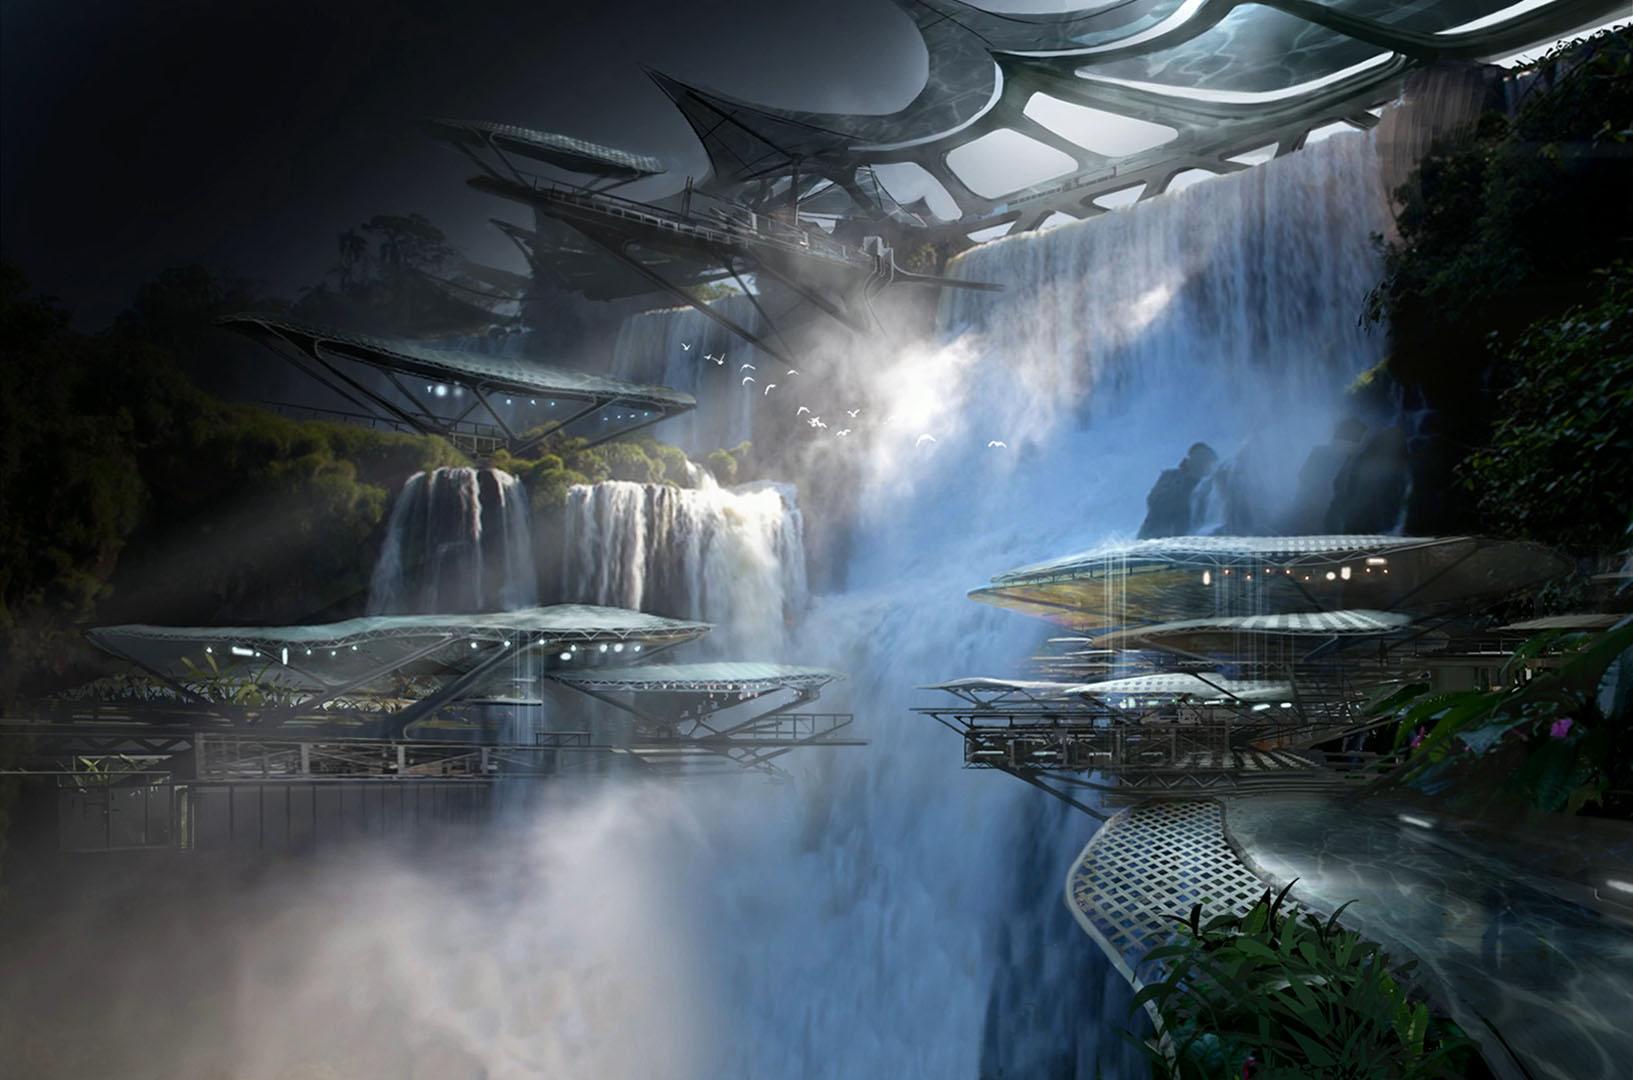 Mass Effect Andromeda Wallpaper Iphone: Mass Effect: Andromeda Computer Wallpapers, Desktop